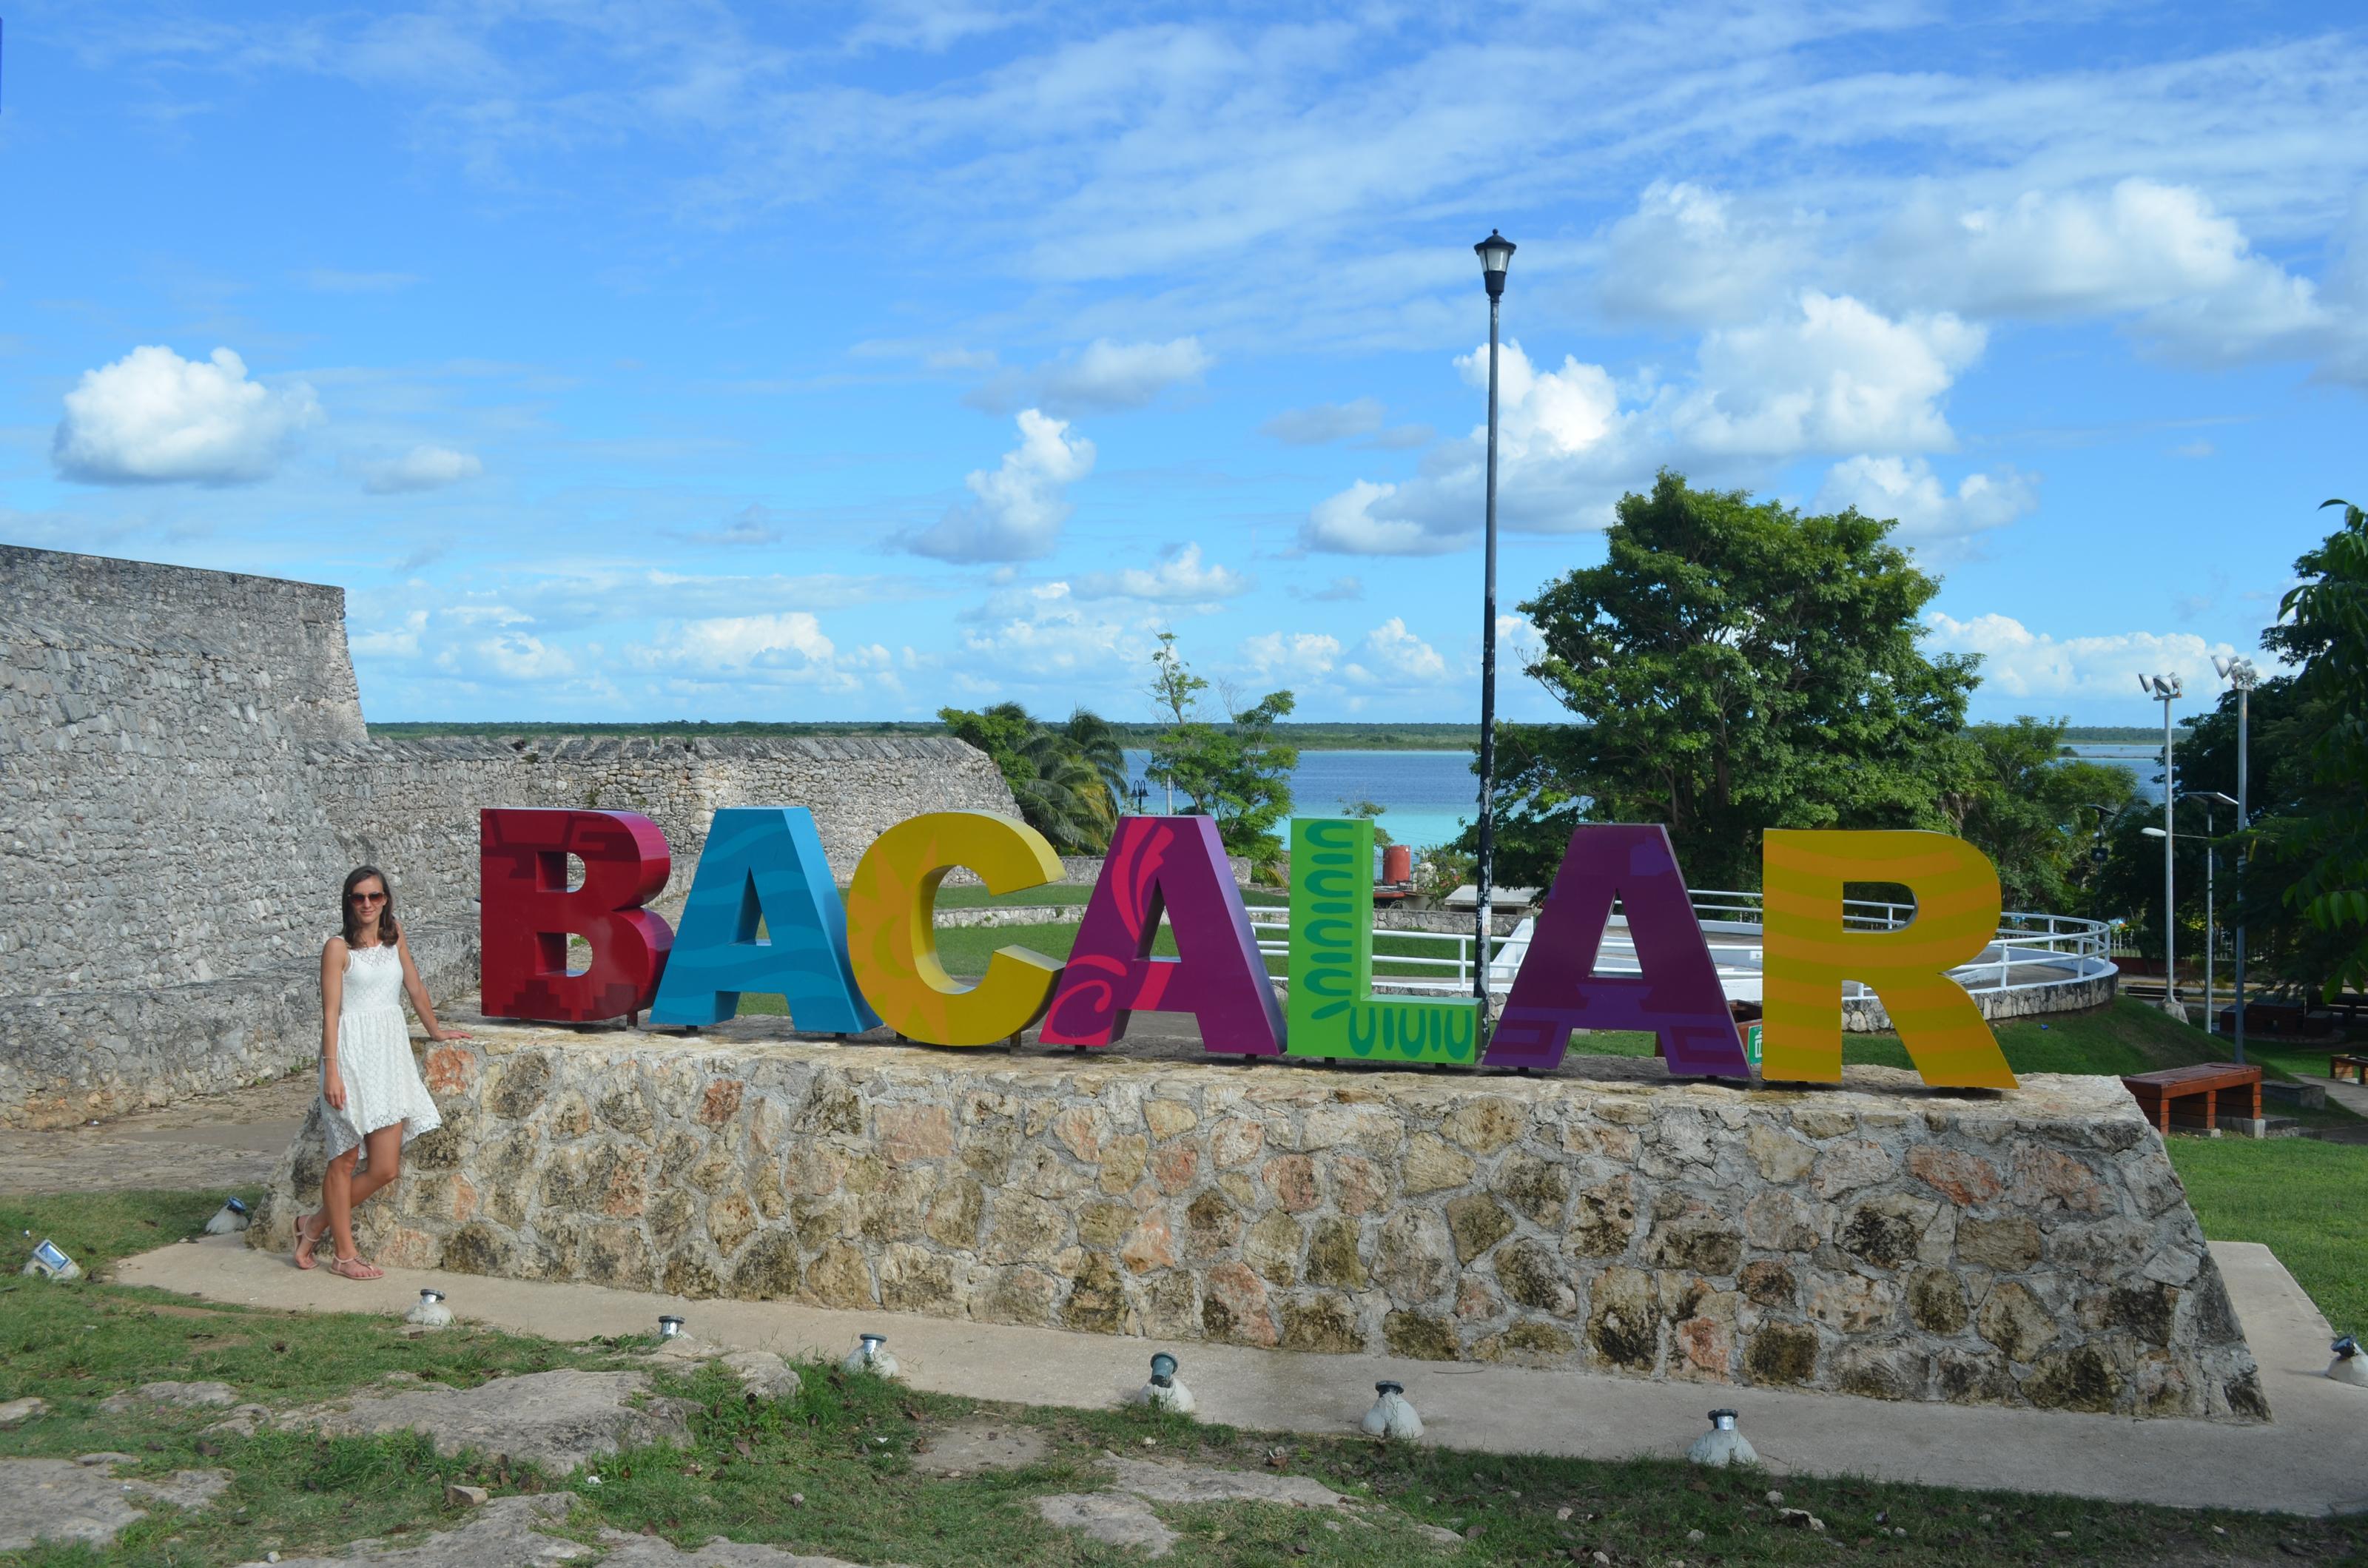 Bacalar ist ein kleines, verschlafenes Örtchen direkt an der berühmten Laguna Bacalar.